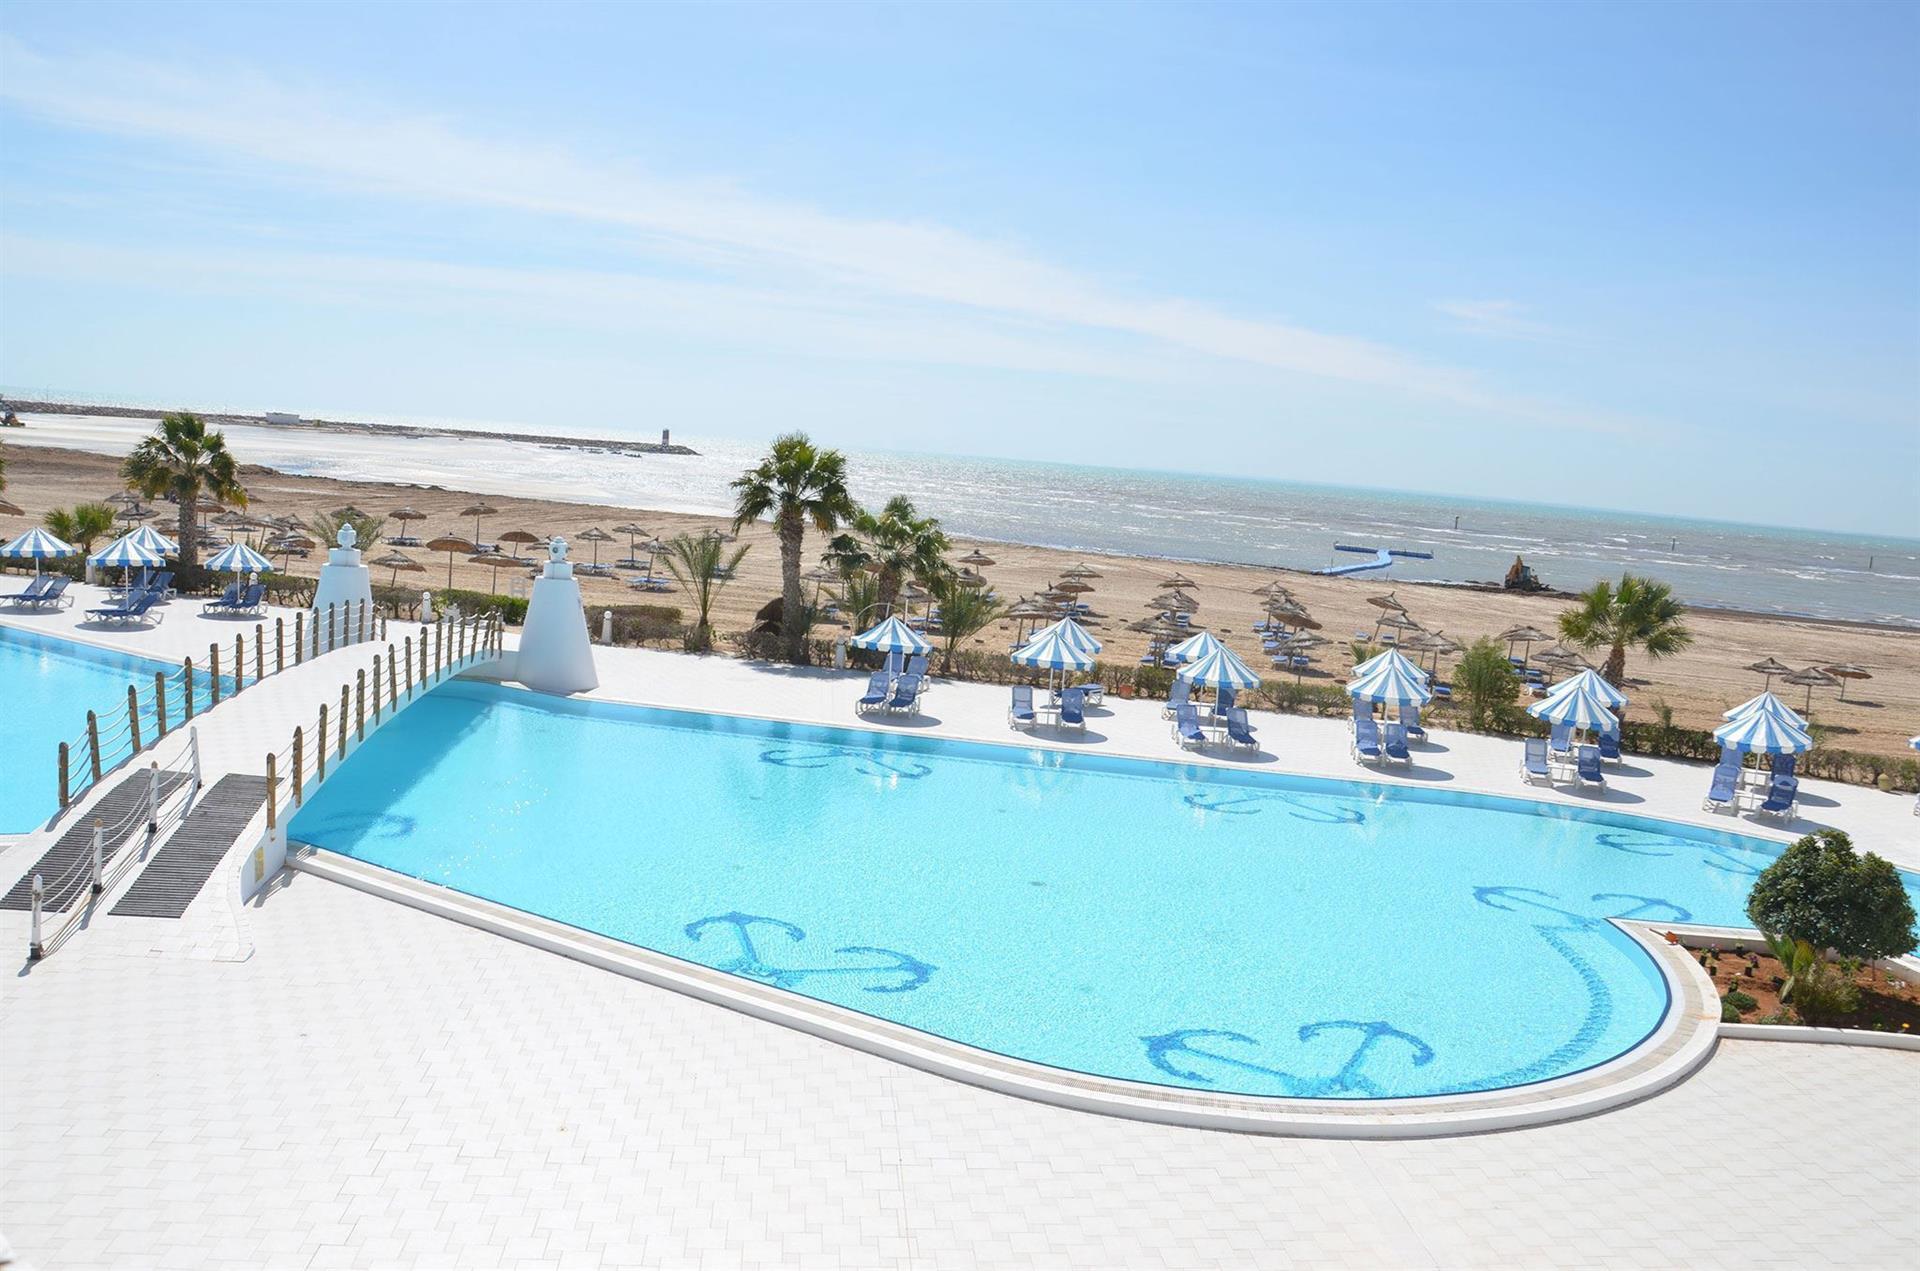 датчики отель браво джерба тунис фото дворы, дороги